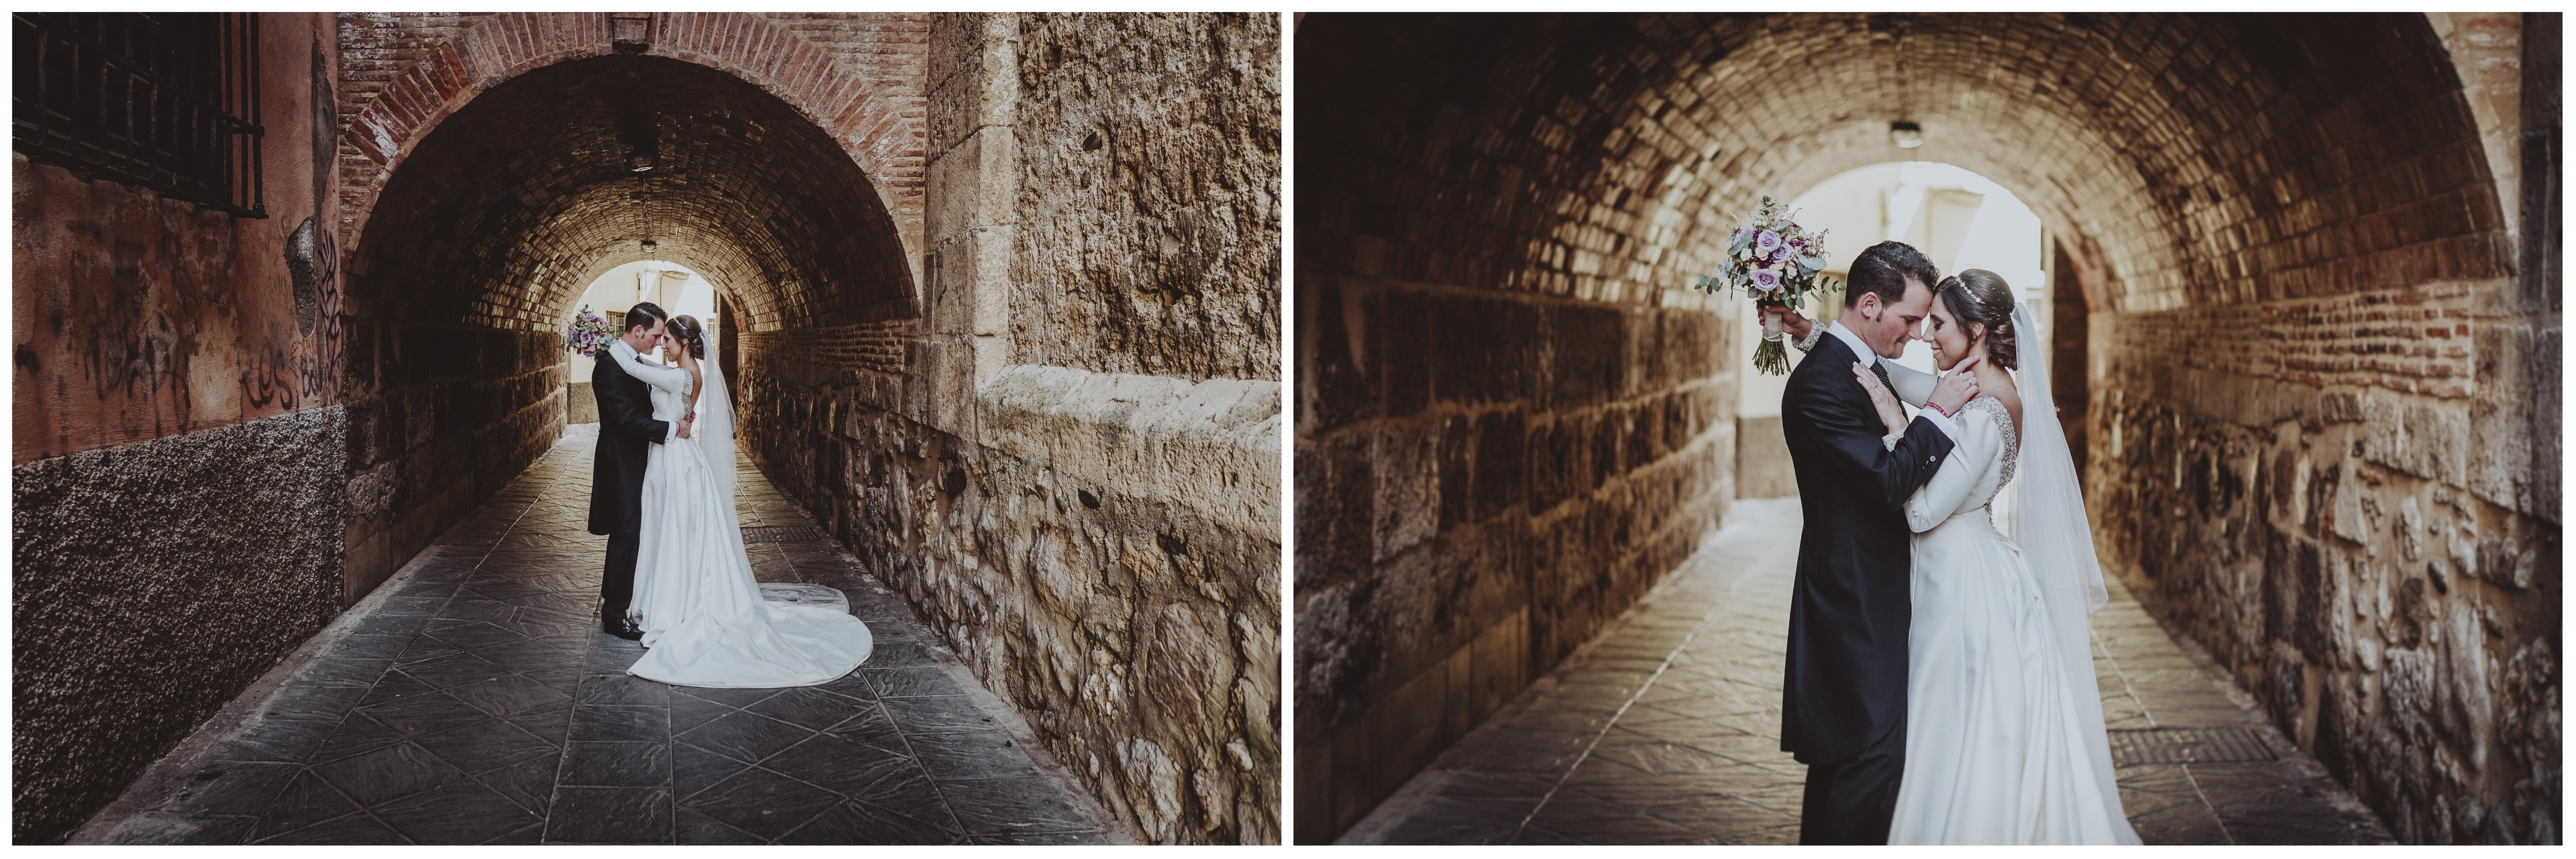 garate-fotografia-de-boda-en-Granada (51)